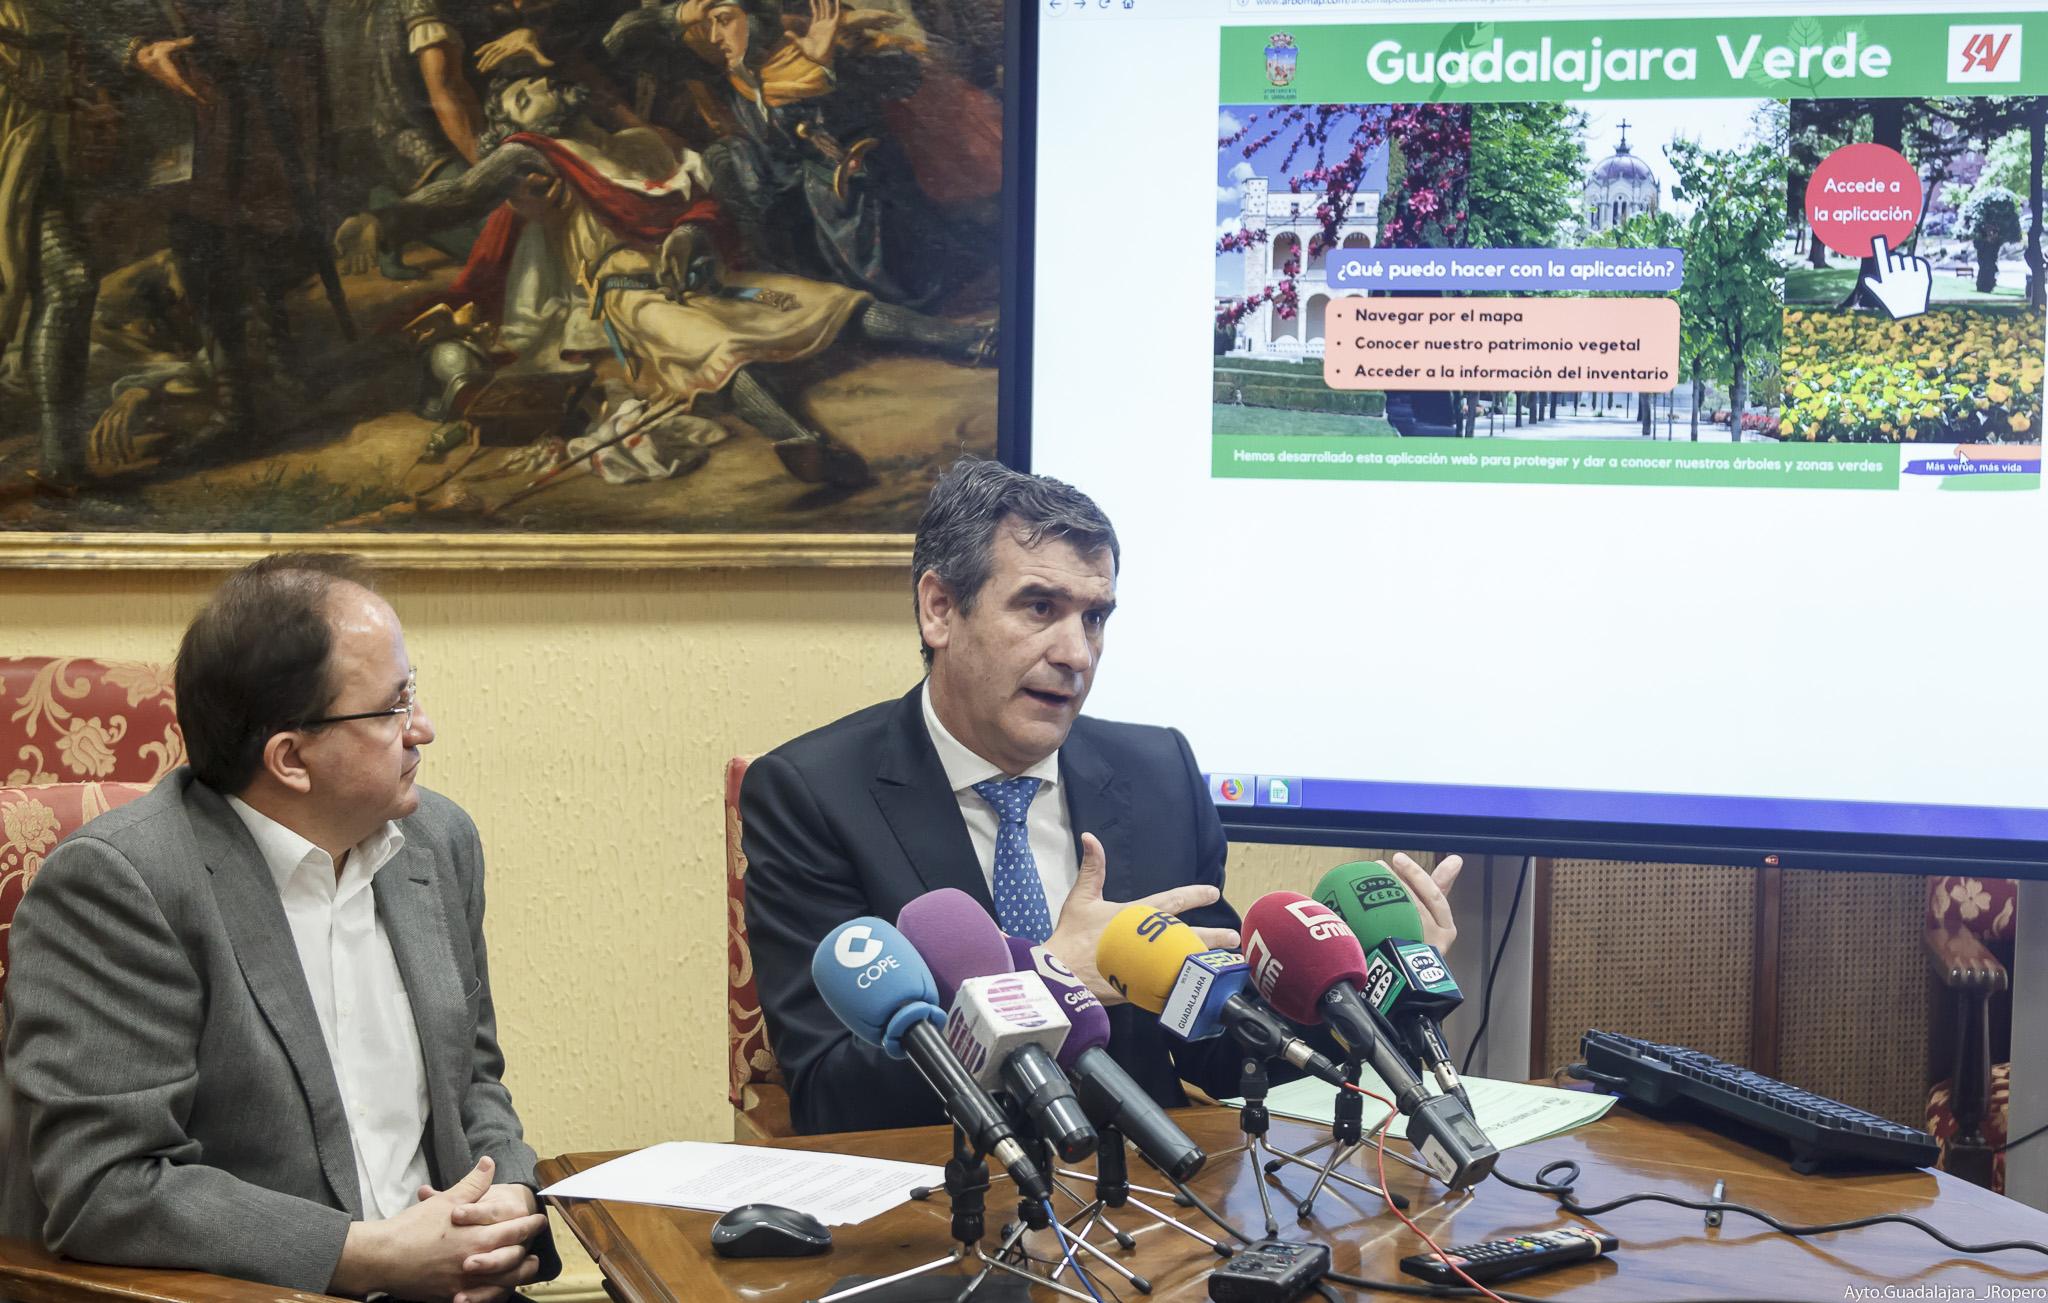 El Ayuntamiento de Guadalajara  implanta Arbomap una nueva herramienta   digital para la gestión del inventario de las zonas verdes y el arbolado